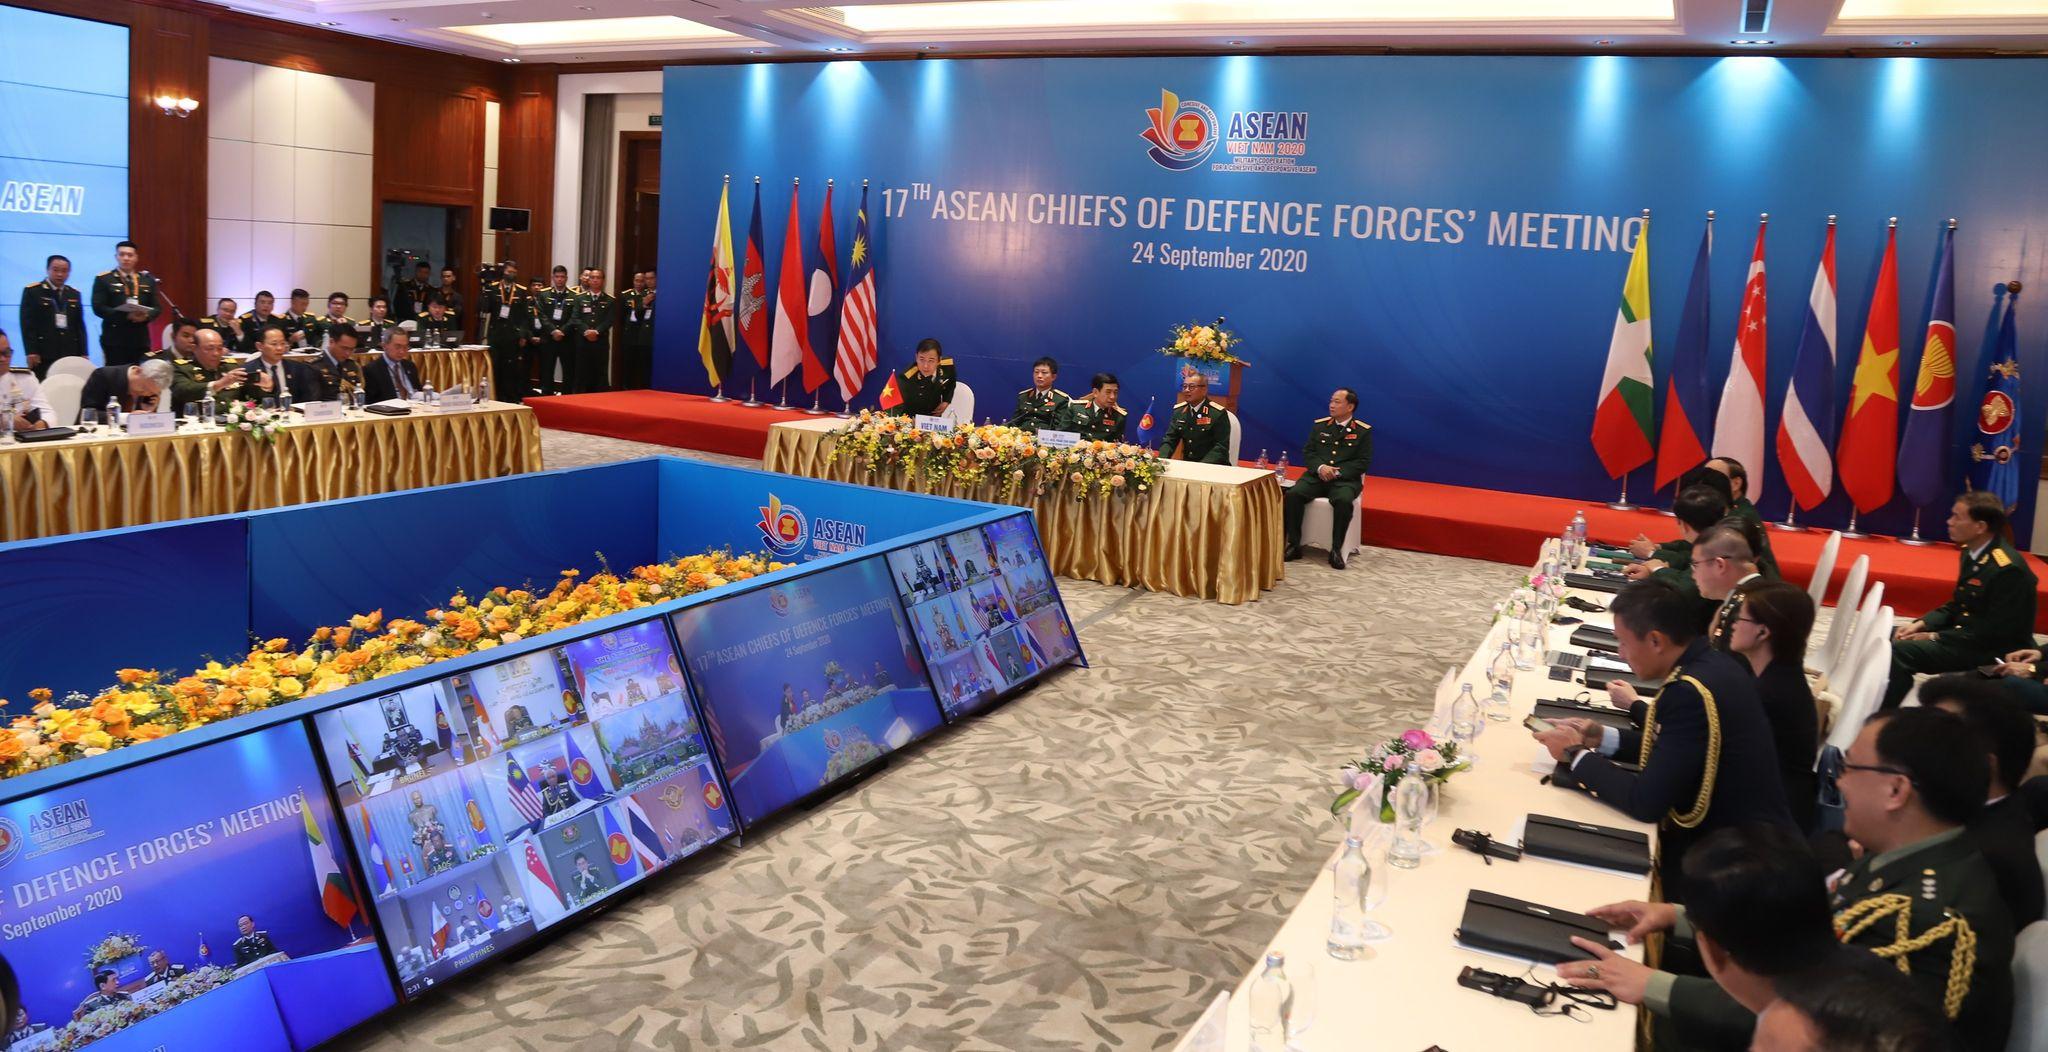 Tăng cường sức mạnh đoàn kết quân đội các nước ASEAN